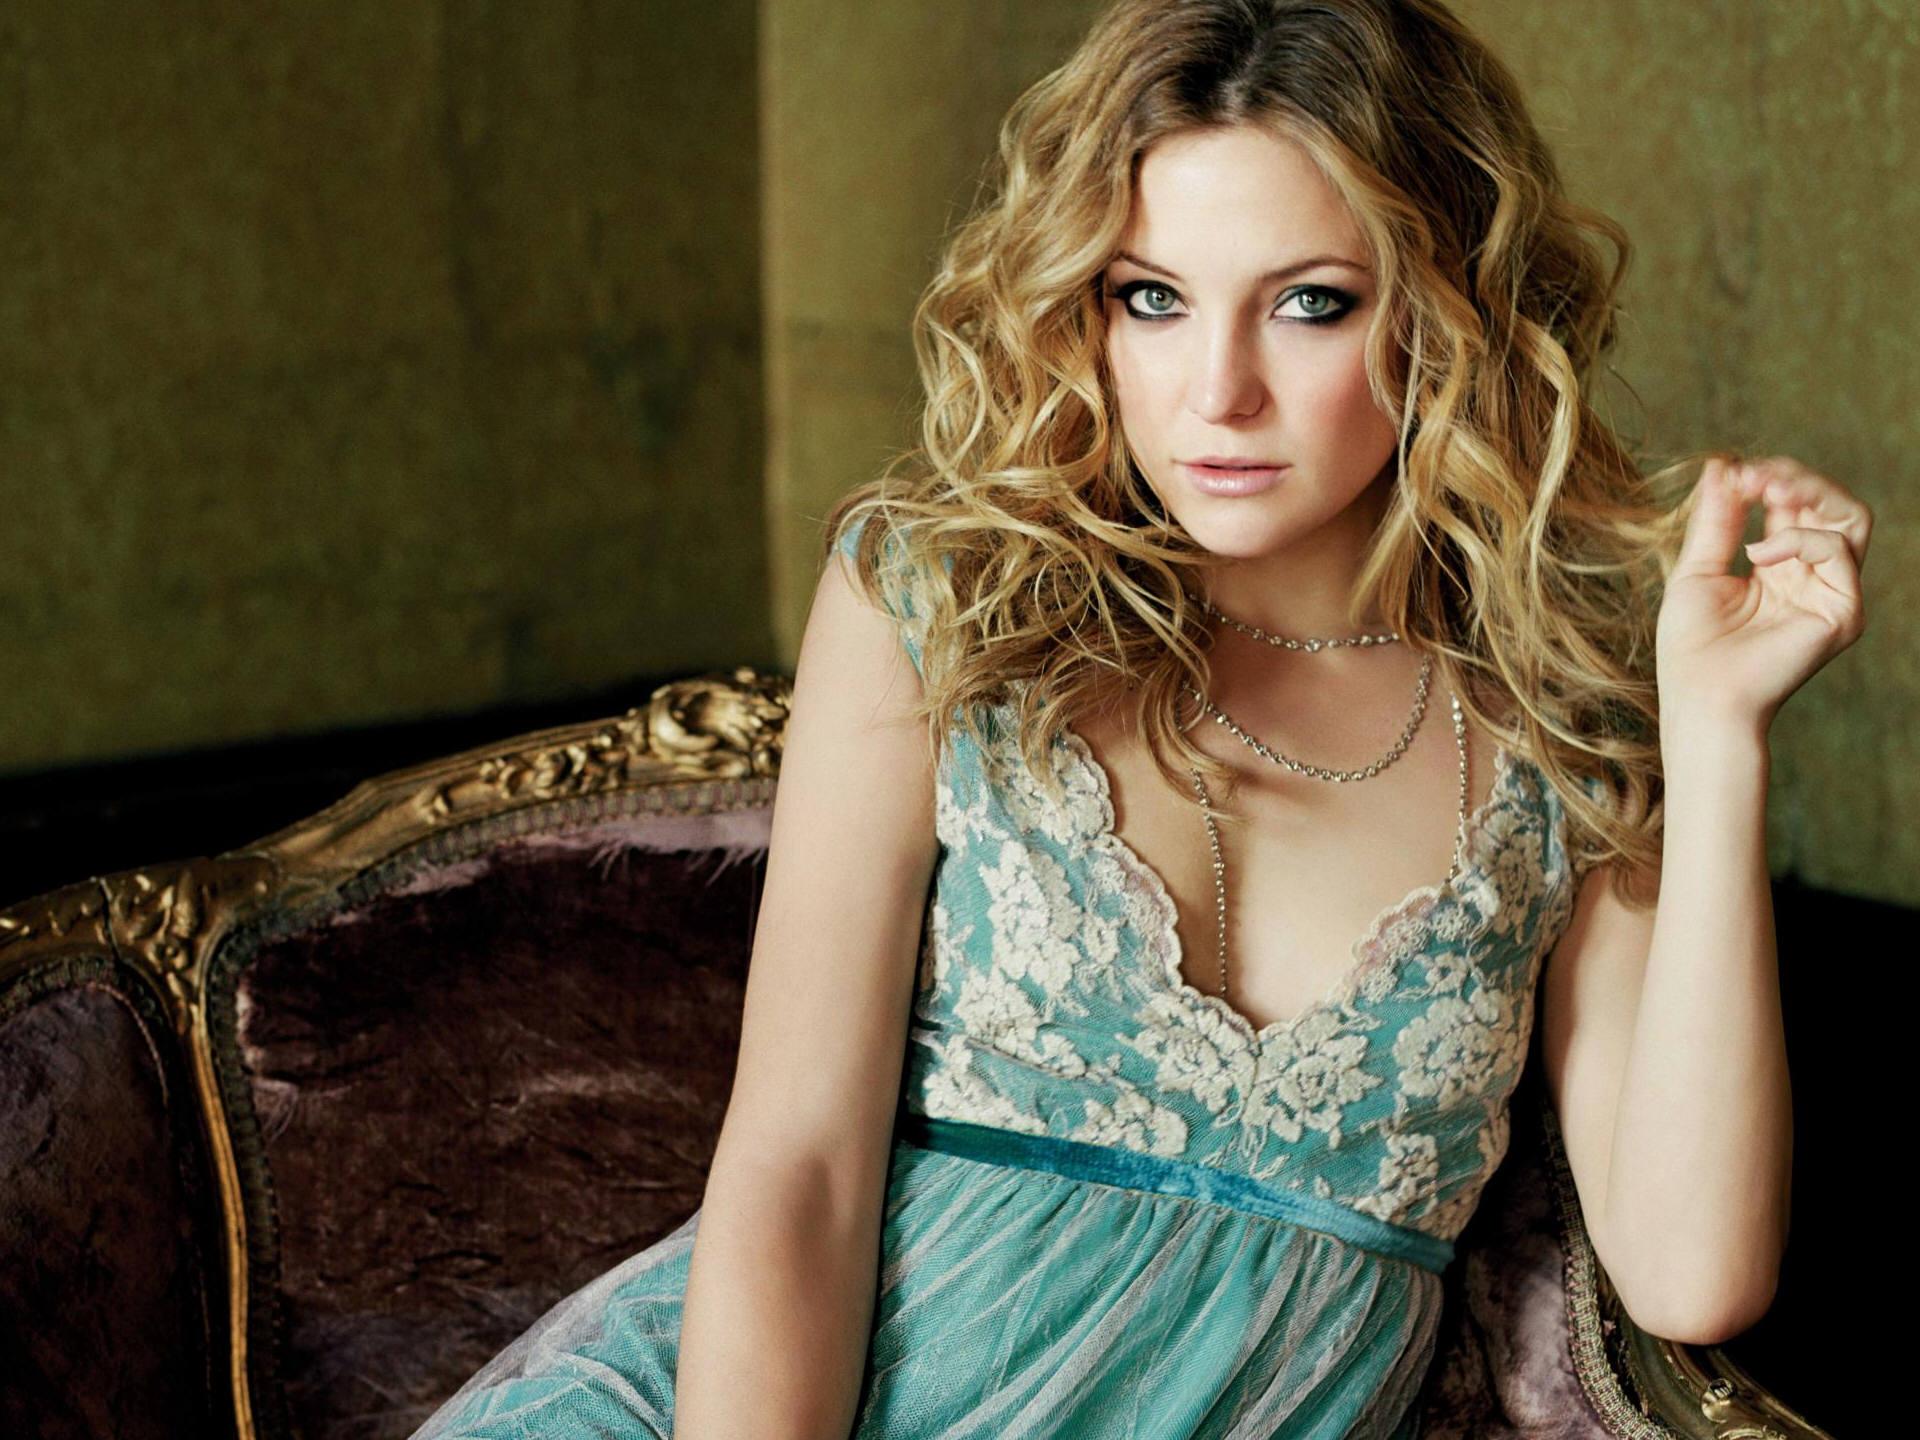 Фотографии красивых девушек восточных знаменитостей 18 фотография